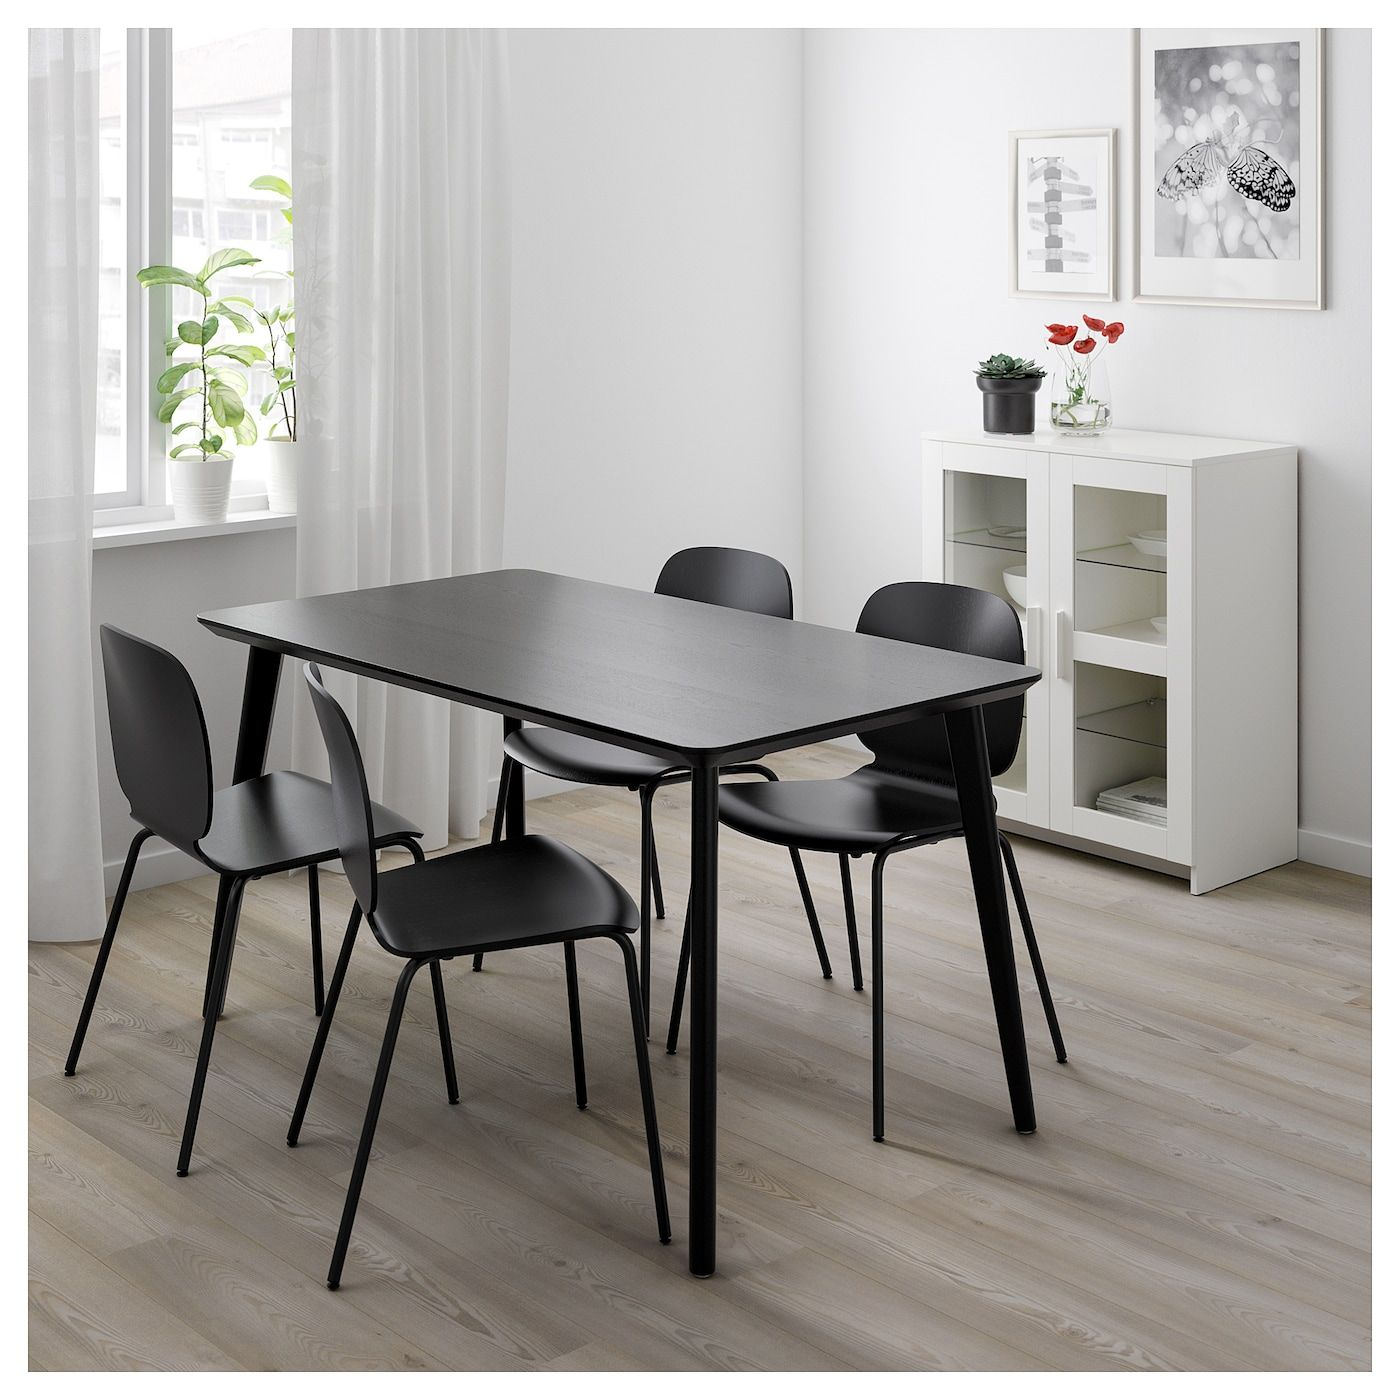 LISABO Tisch schwarz IKEA Österreich